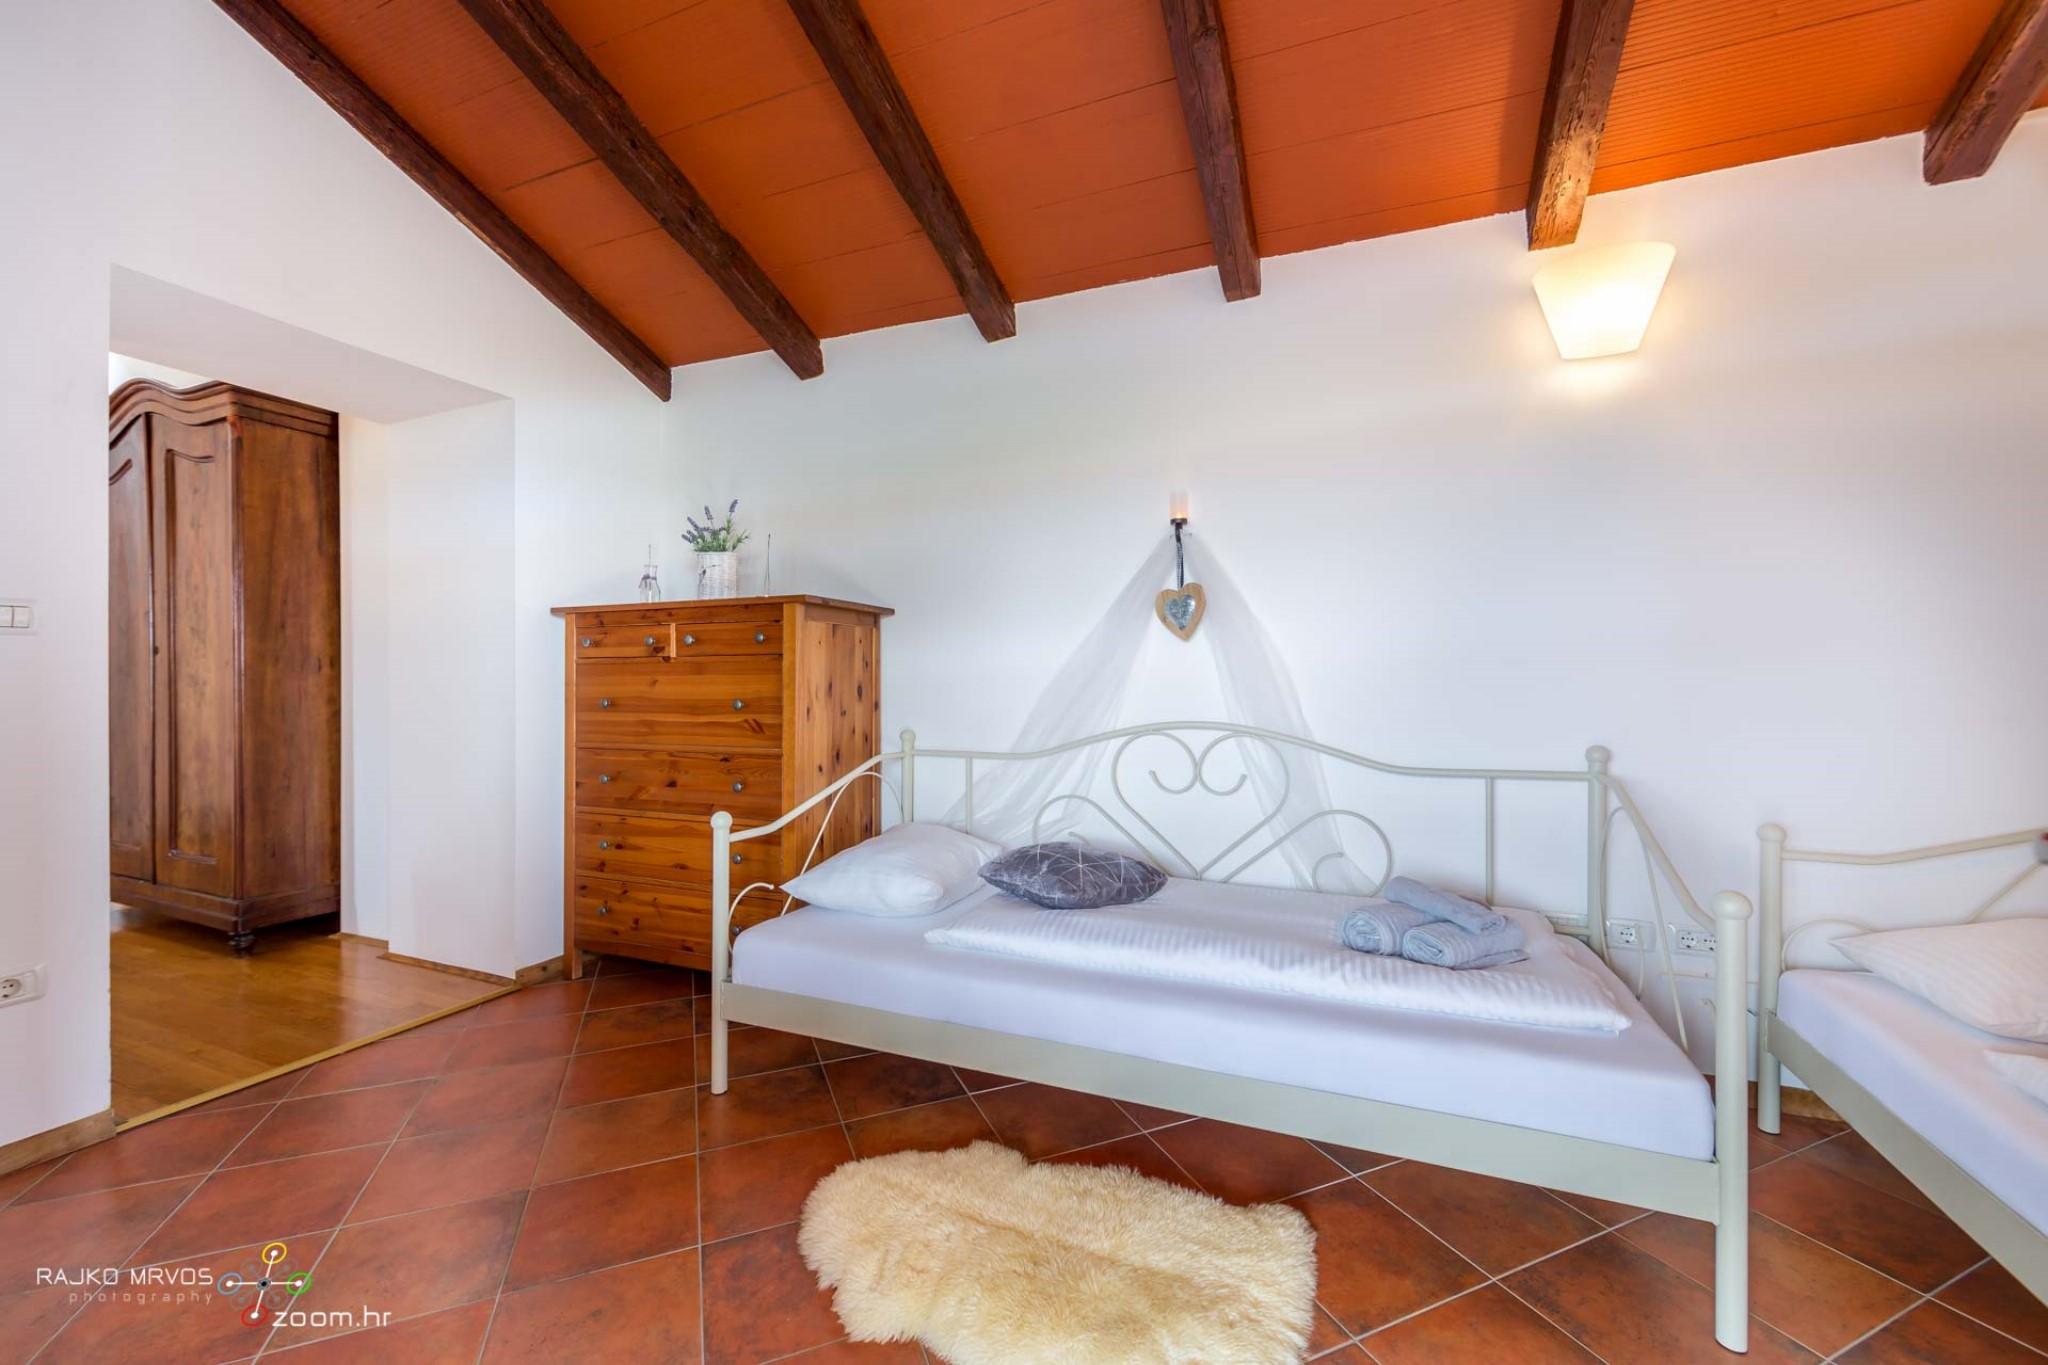 fotografiranje-interijera-fotograf-eksterijera-vila-kuca-apartmana-slikanje-villa-Fattoria-51